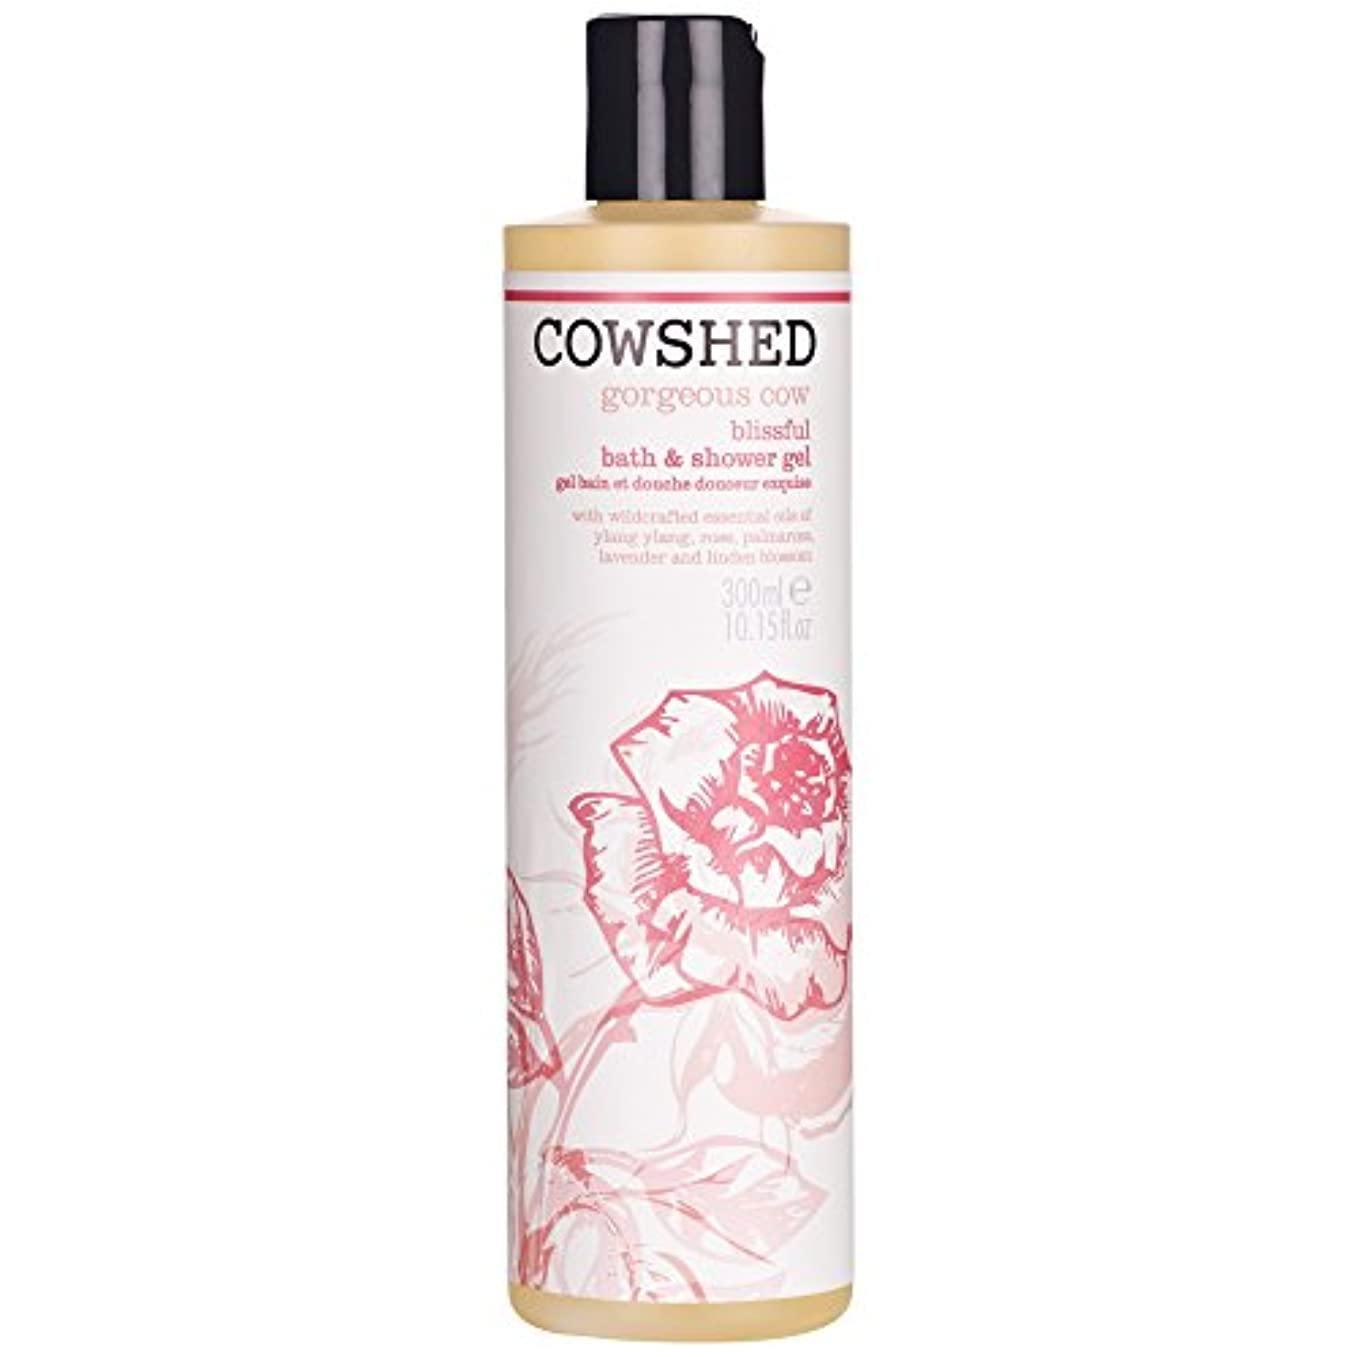 リルスペクトラムスラッシュ牛舎ゴージャスな牛のバス&シャワージェル300ミリリットル (Cowshed) (x6) - Cowshed Gorgeous Cow Bath & Shower Gel 300ml (Pack of 6) [並行輸入品]